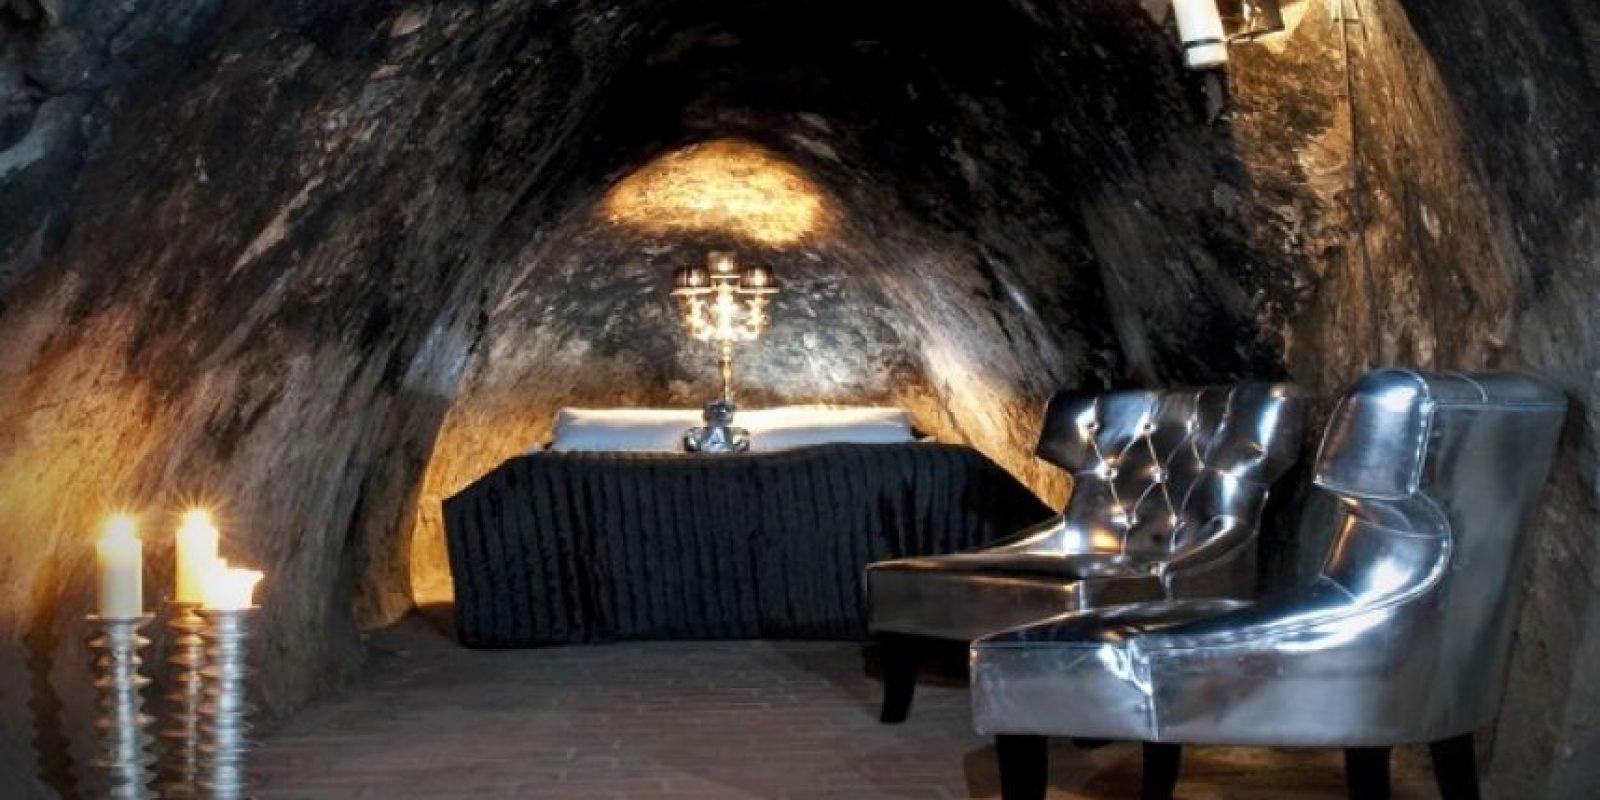 Sala Silvermine Underground Suite., en Suecia Este hotel, que antes era una mina de plata, está a 150 metros bajo la tierra. Foto:Geekology